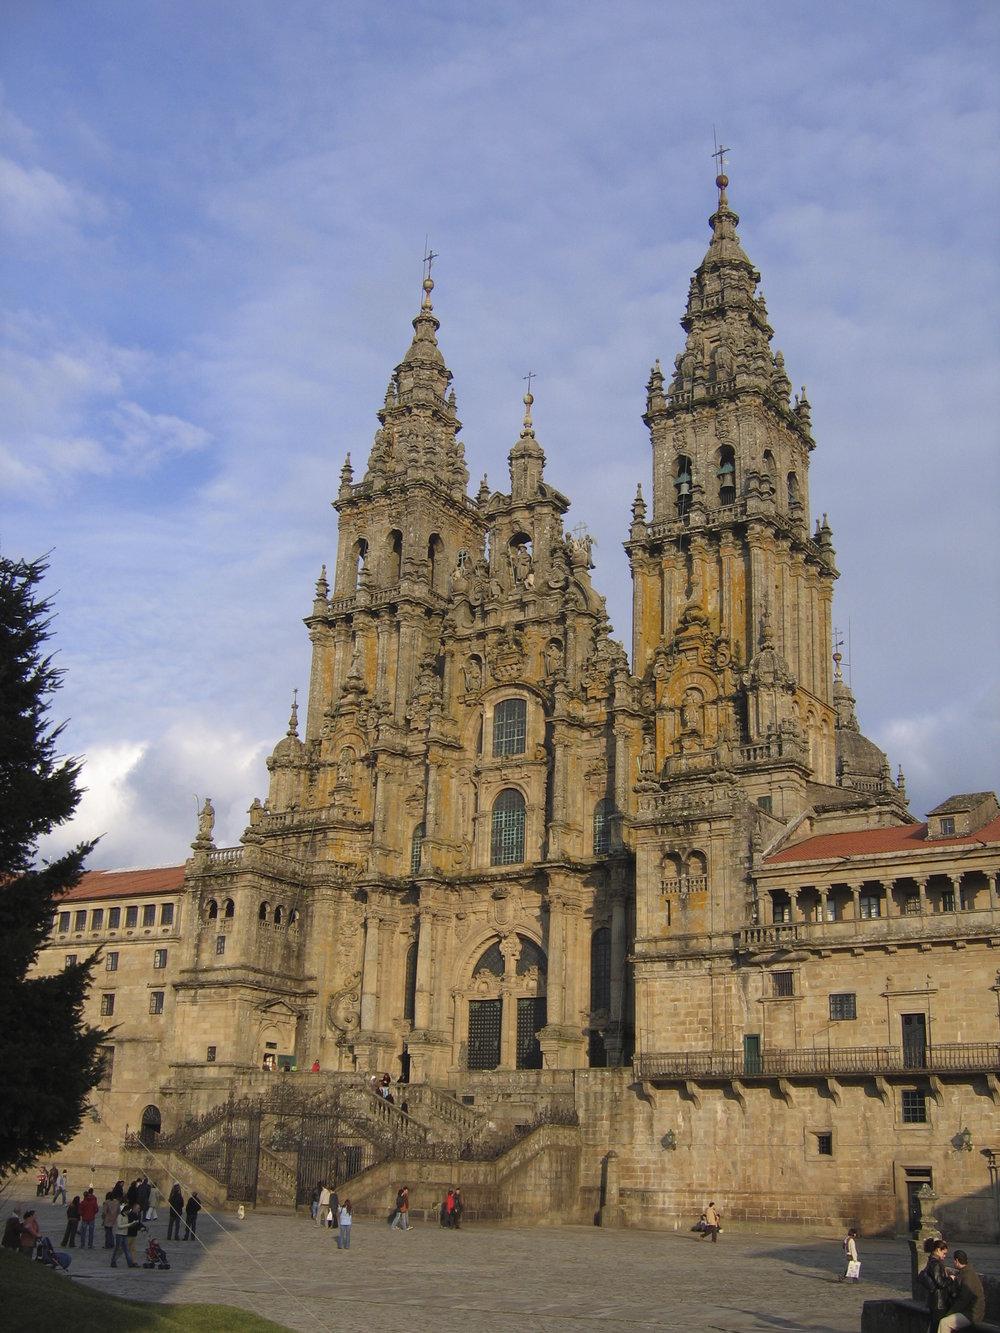 Saint James Cathedral of Santiago de Compostela